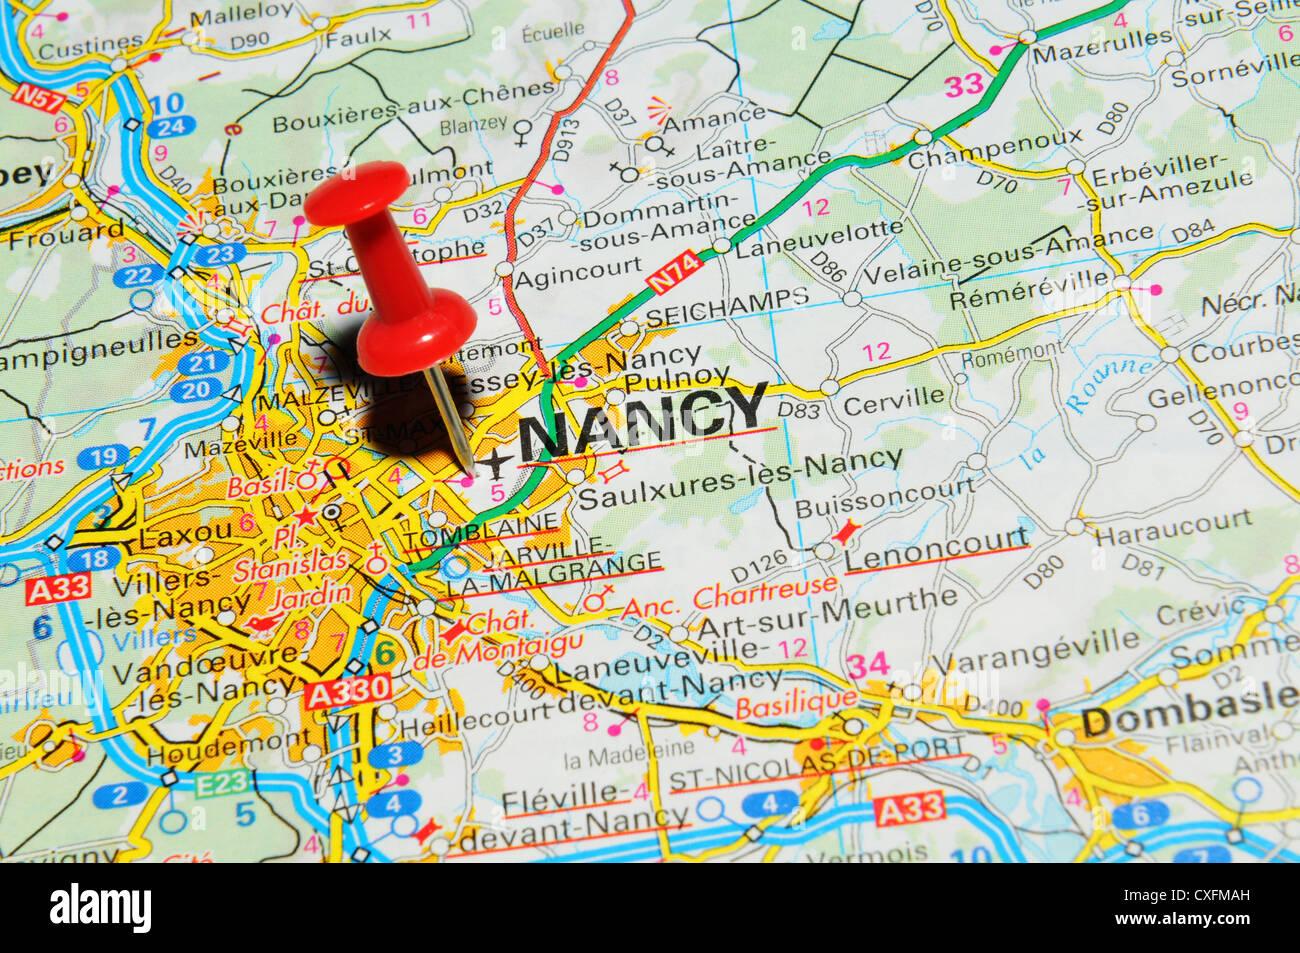 Map Of France Nancy.Nancy France On Map Stock Photo 50747049 Alamy